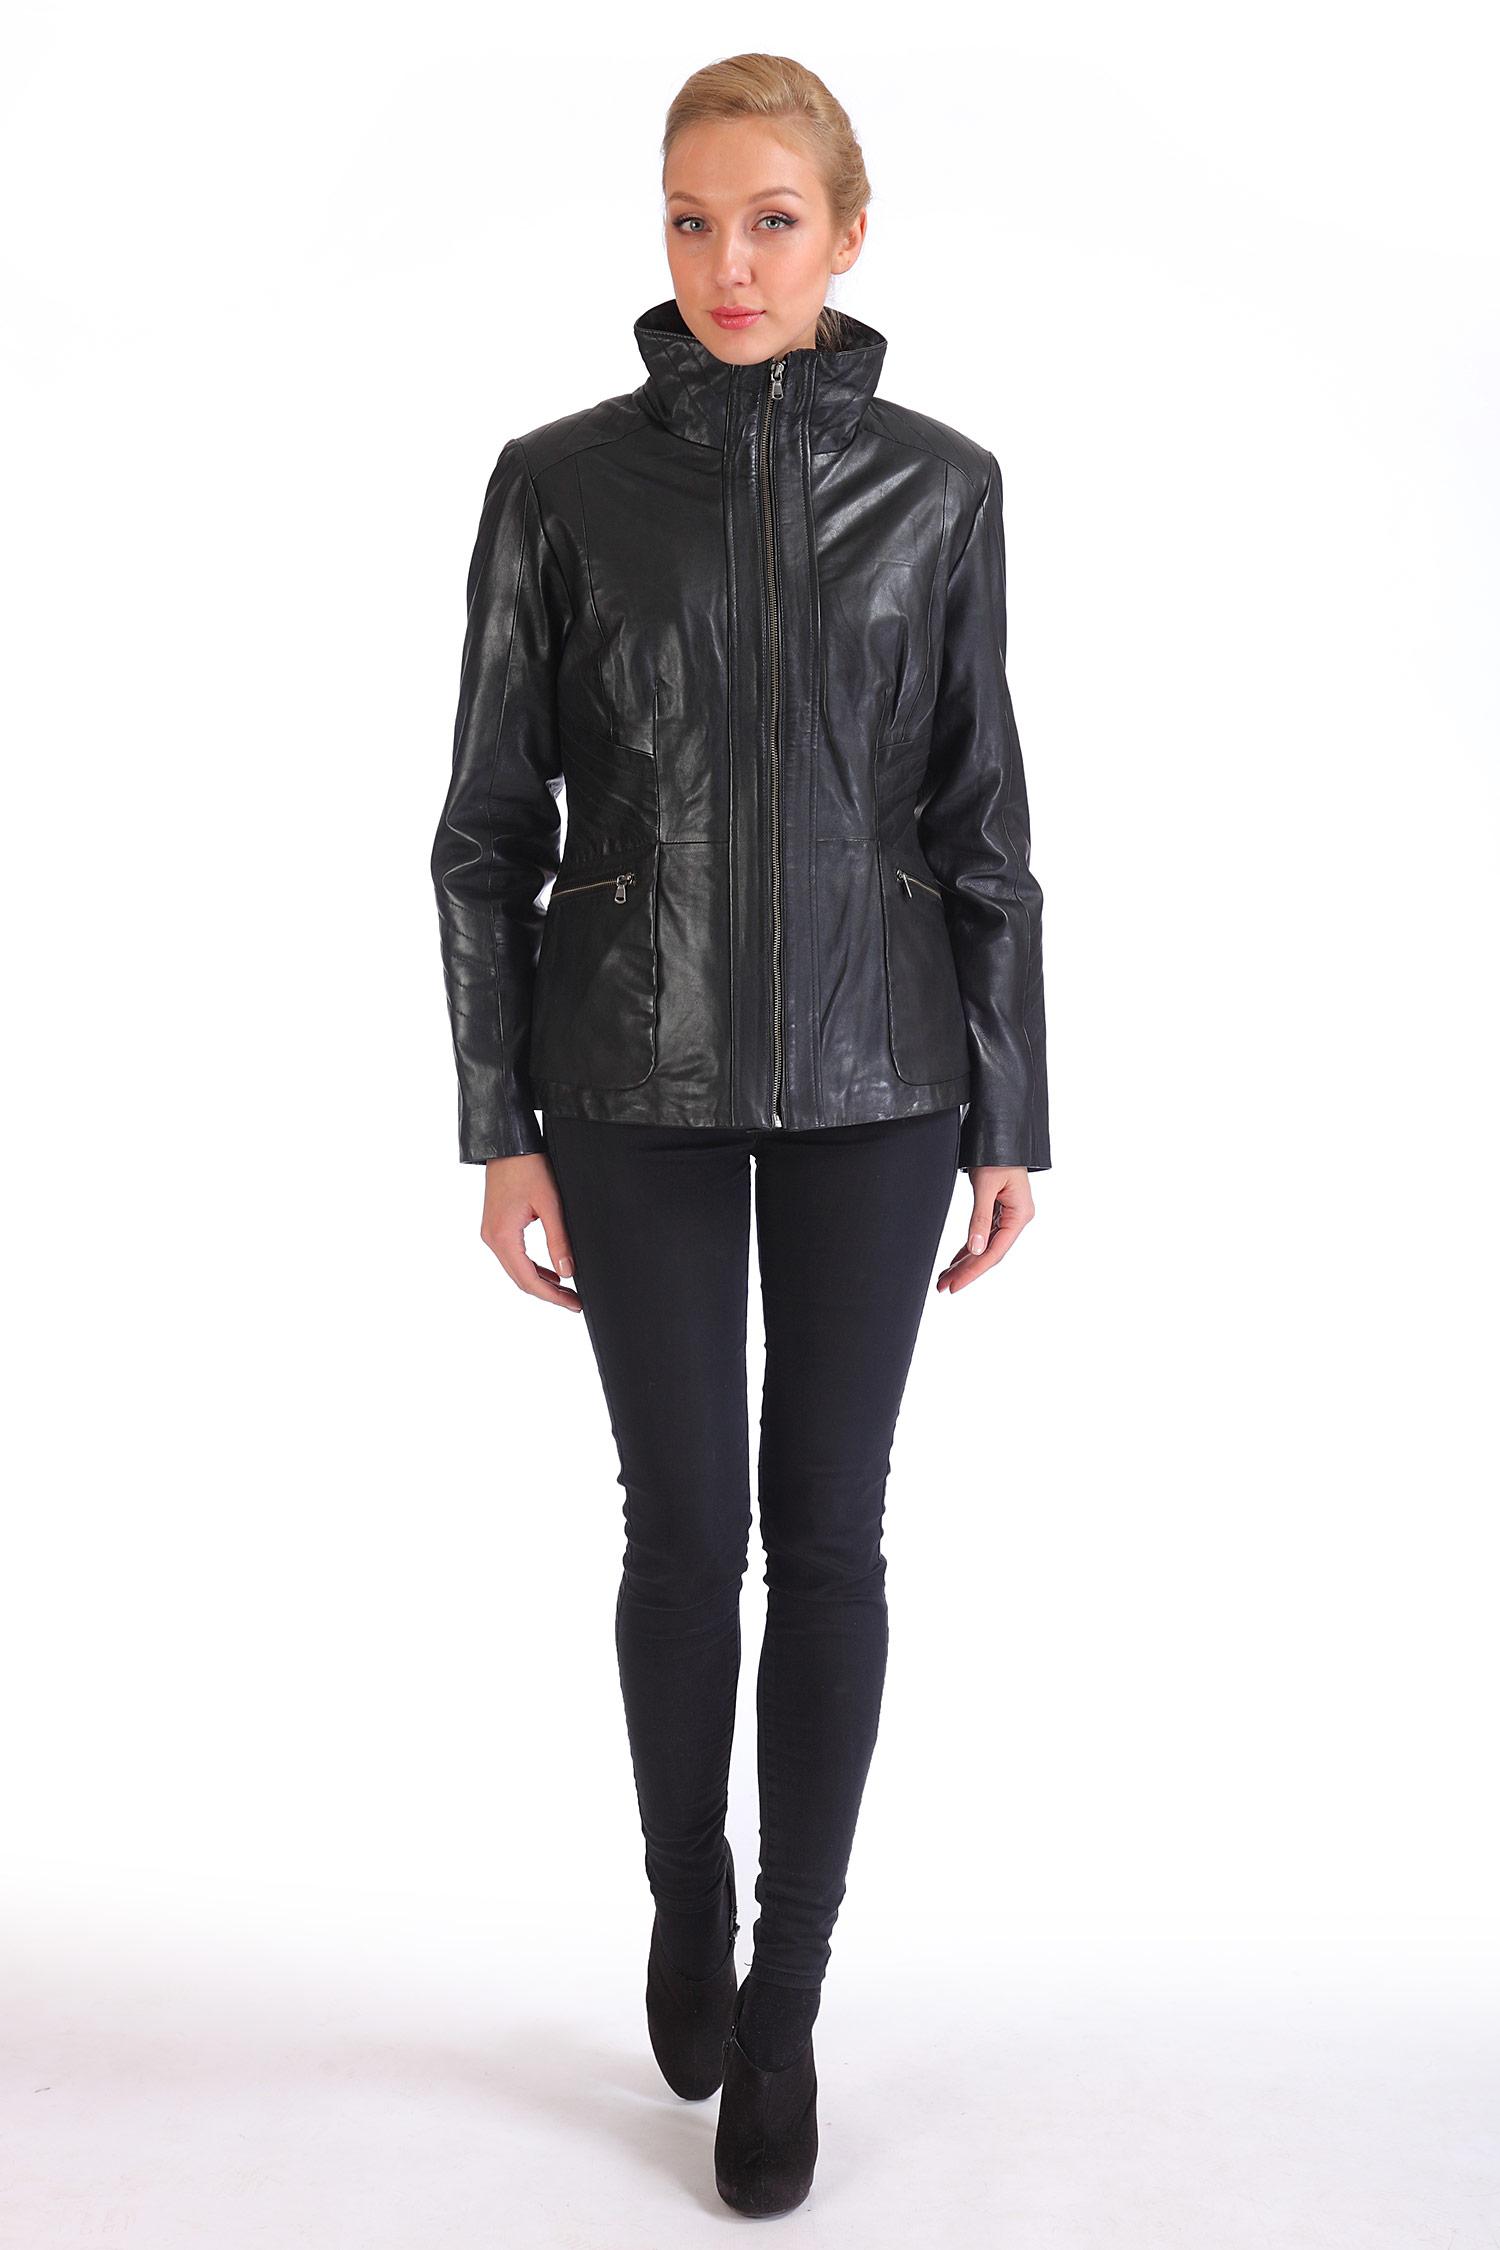 Фото 3 - Женская кожаная куртка из натуральной кожи с воротником от МОСМЕХА черного цвета